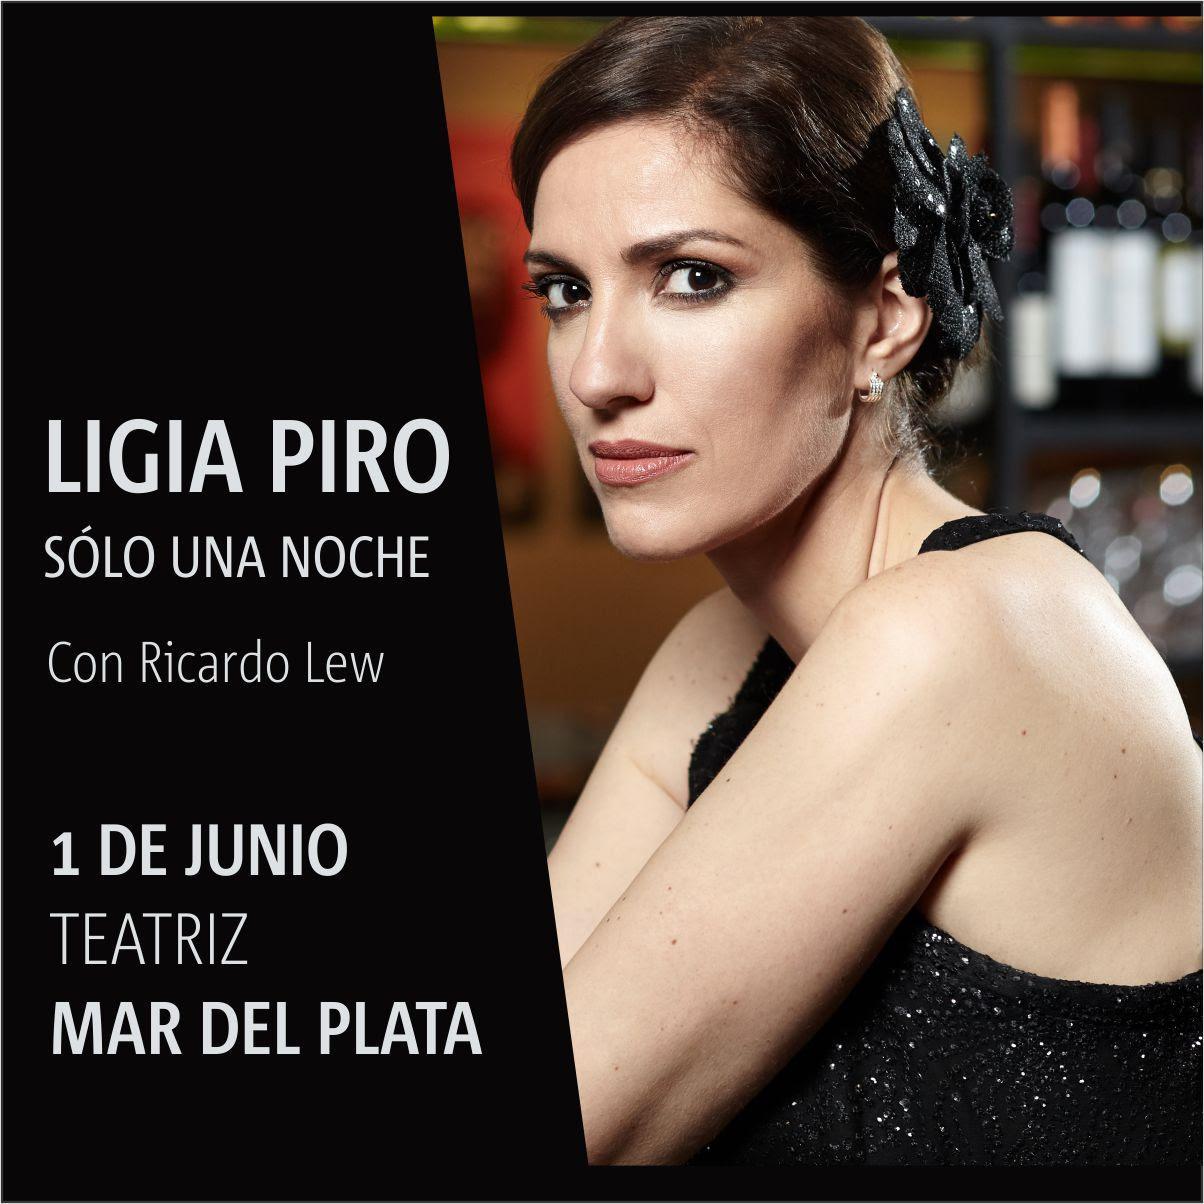 El próximo sábado1 de junio, Ligia Piro llega a Mar del Plata de la mano de Ricardo Lew